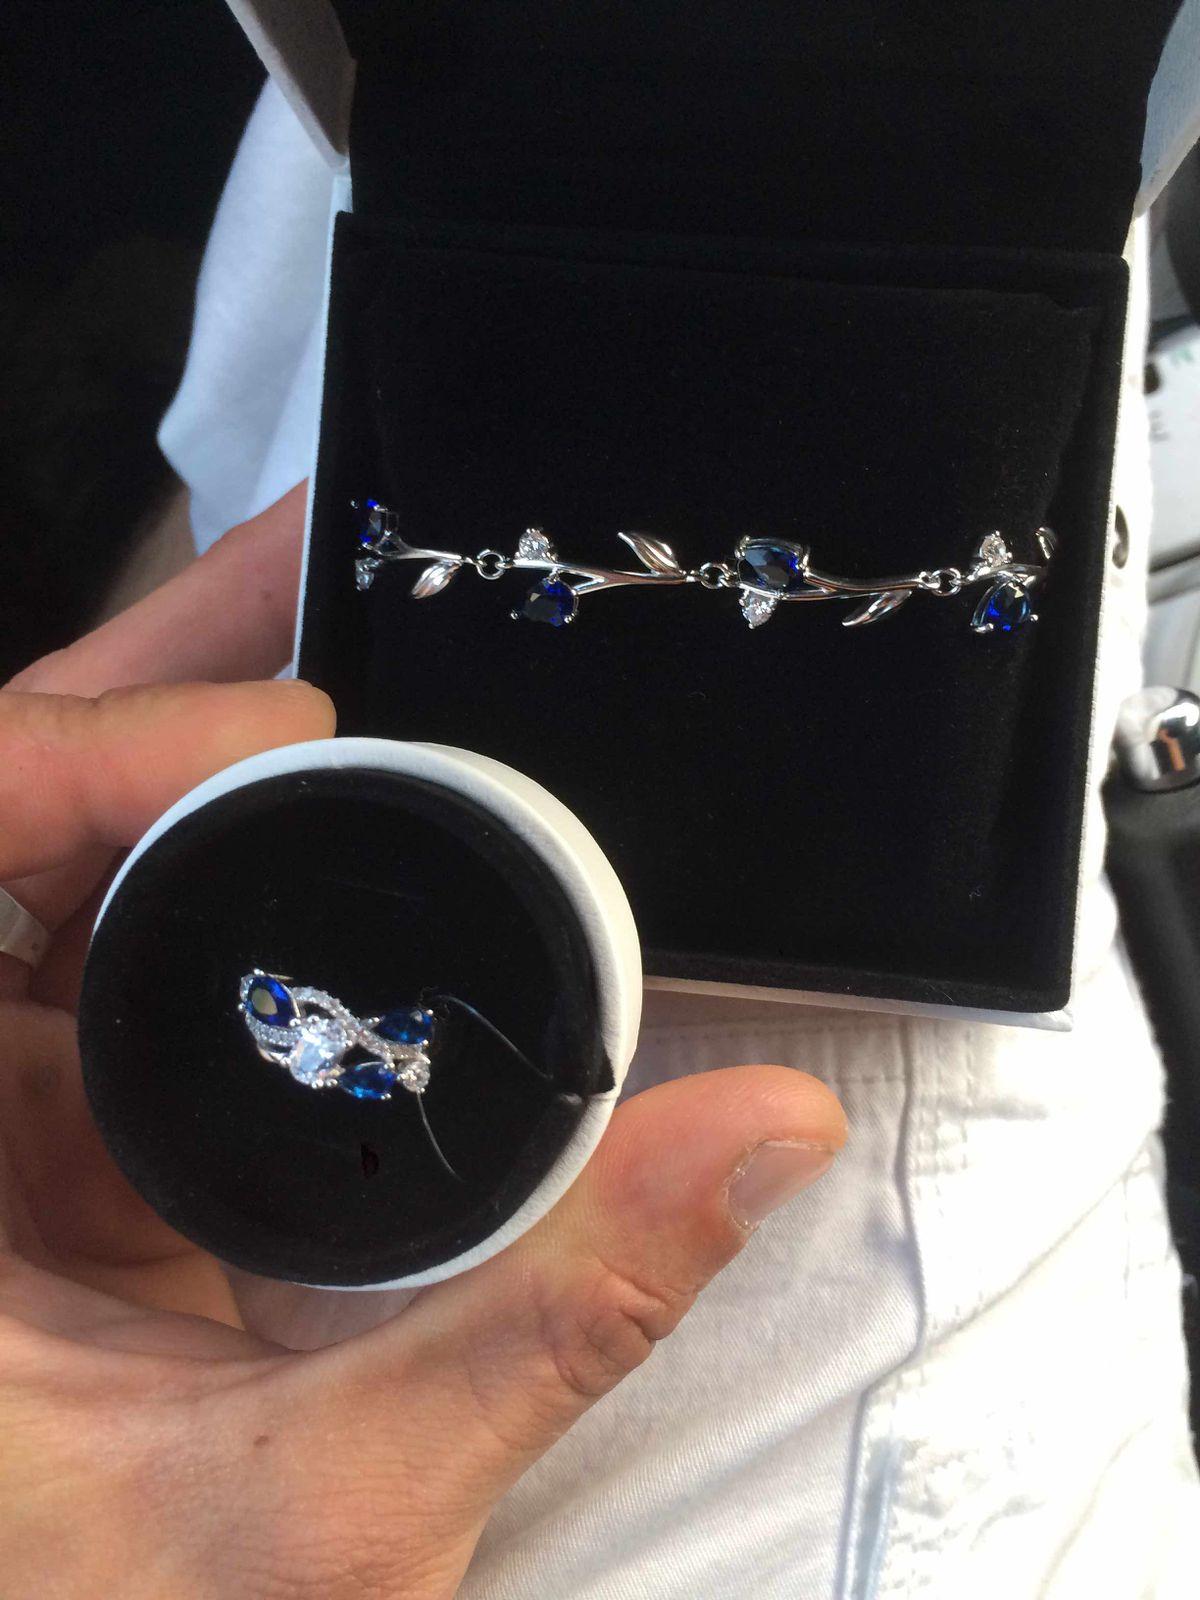 Покупал в комплекте с кольцом выглядит хорошо и достойный подарок